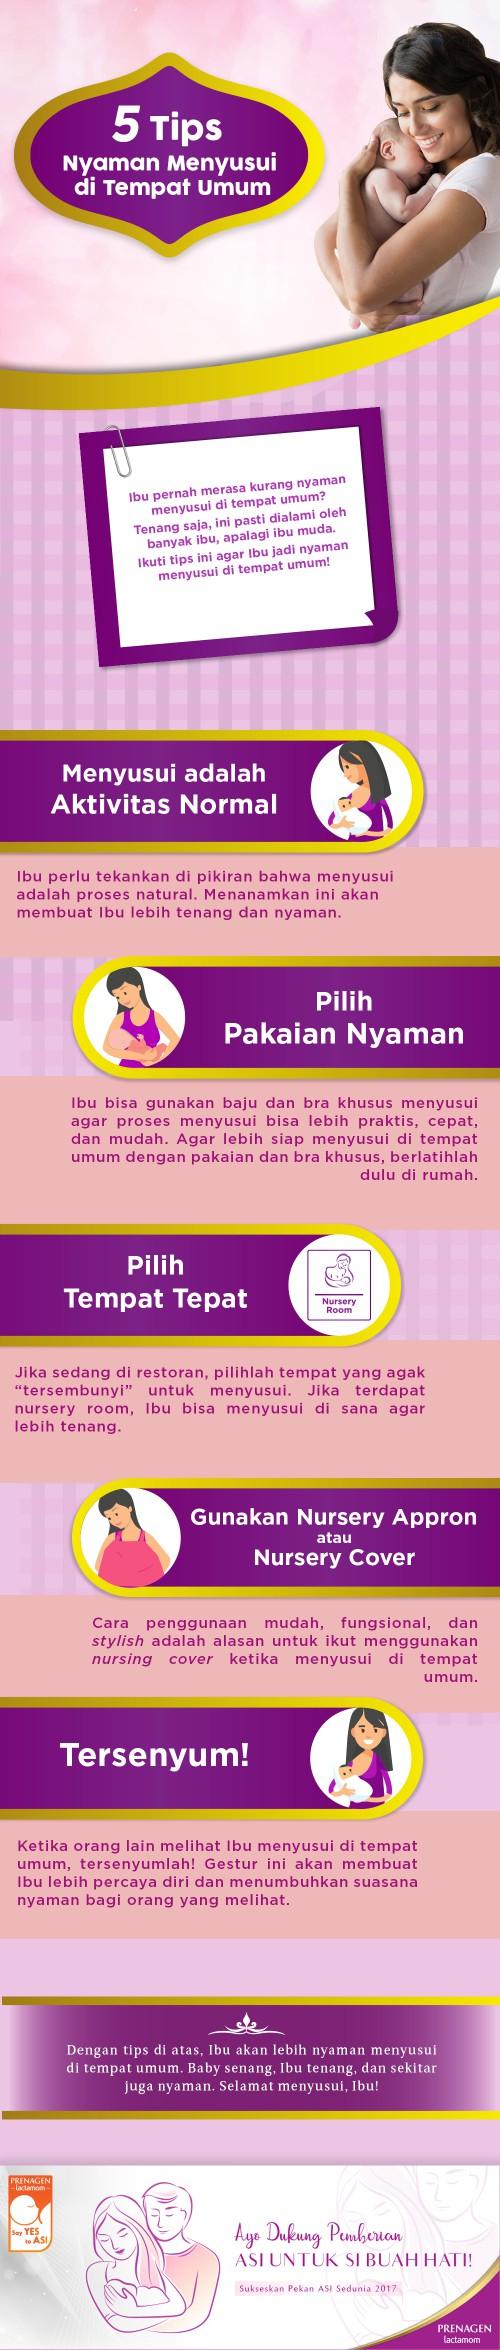 5 Tips Nyaman Menyusui di Tempat Umum